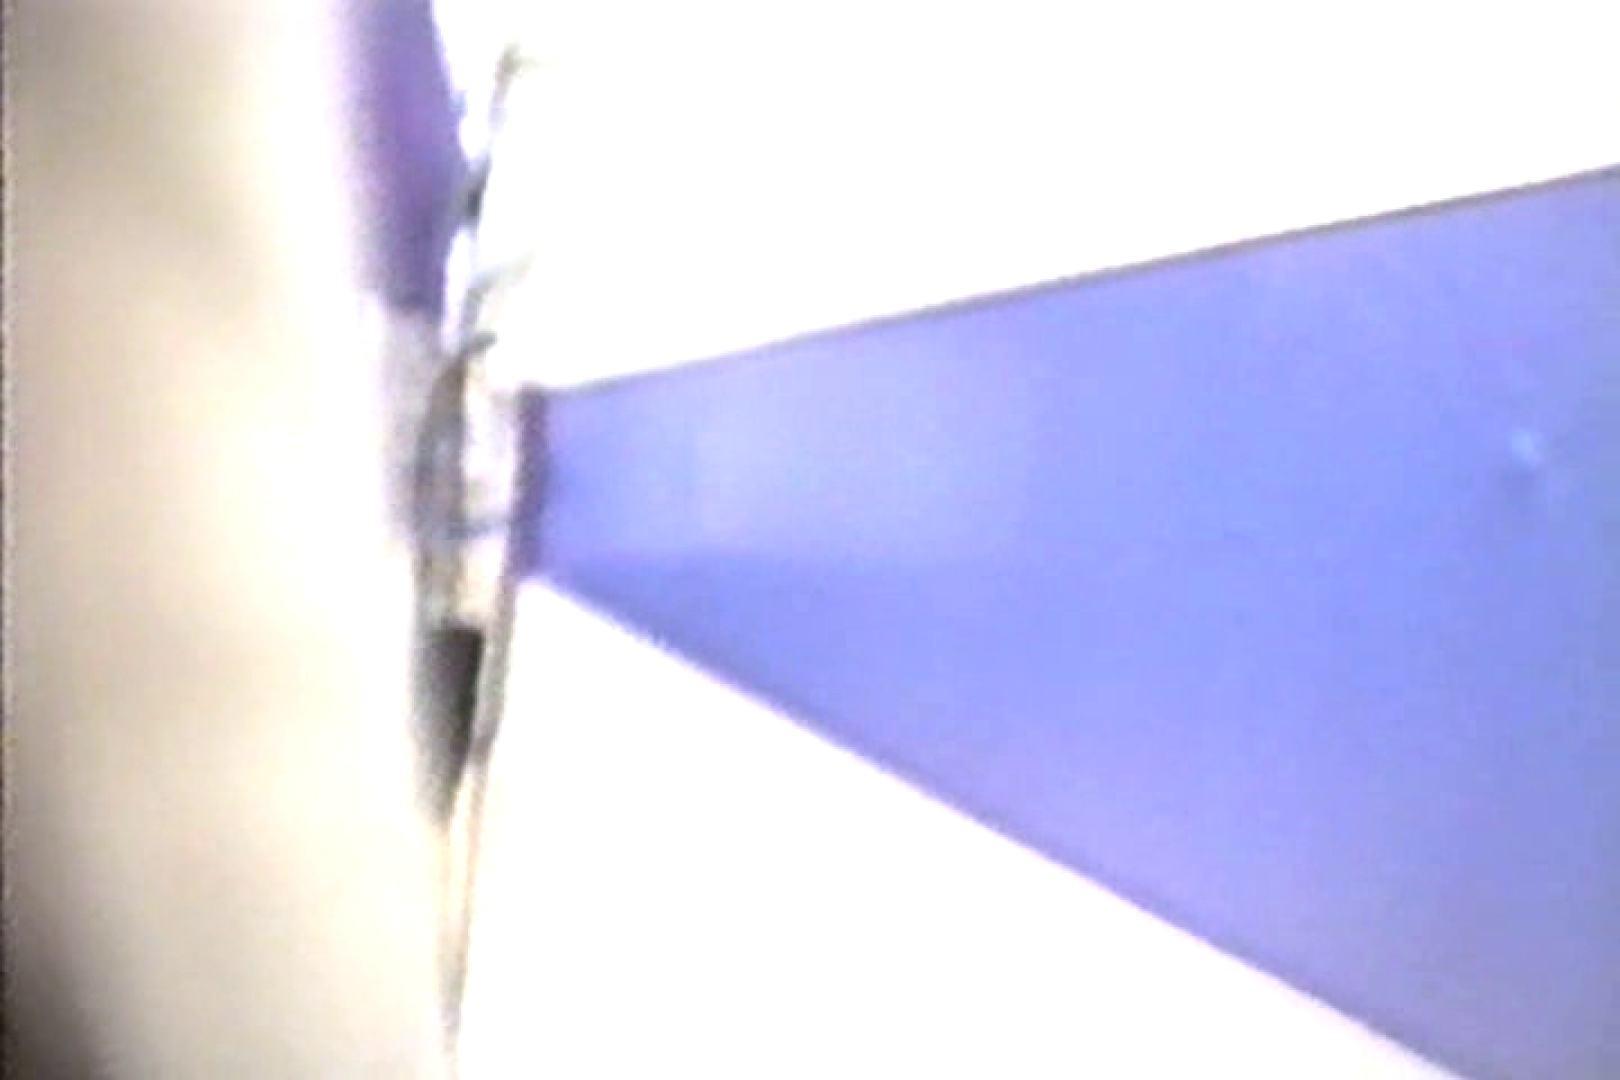 超・痴漢の眼「ユニフォーム現場検証」TNK-07 痴漢 盗み撮り動画 101画像 71